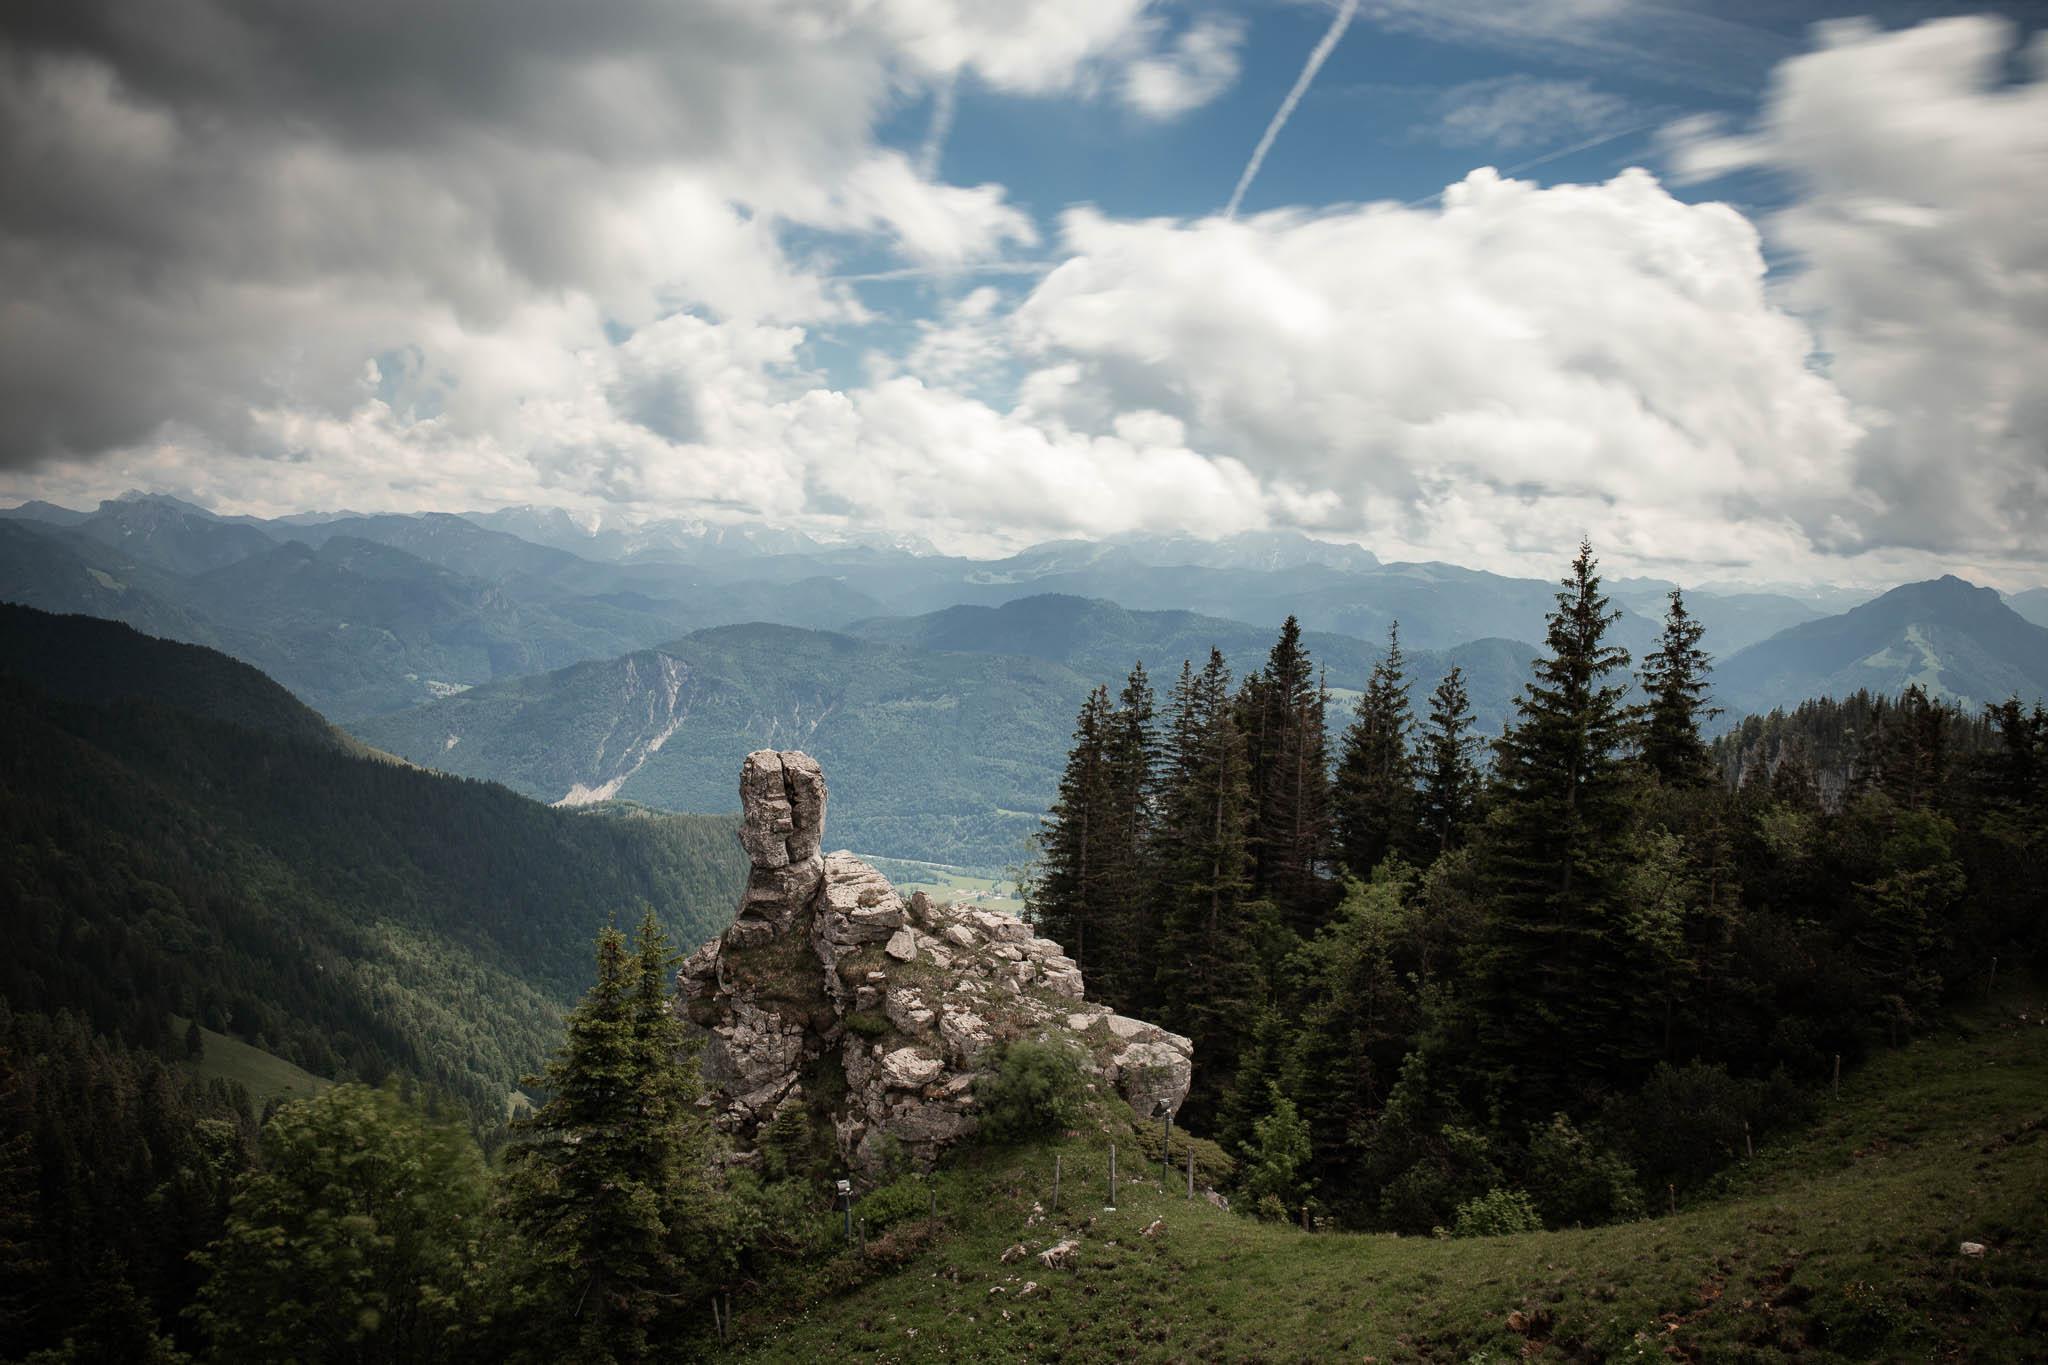 Hochzeitsfotograf Alpen, Chiemgau: freie Trauung von Dennis & Dirk 9